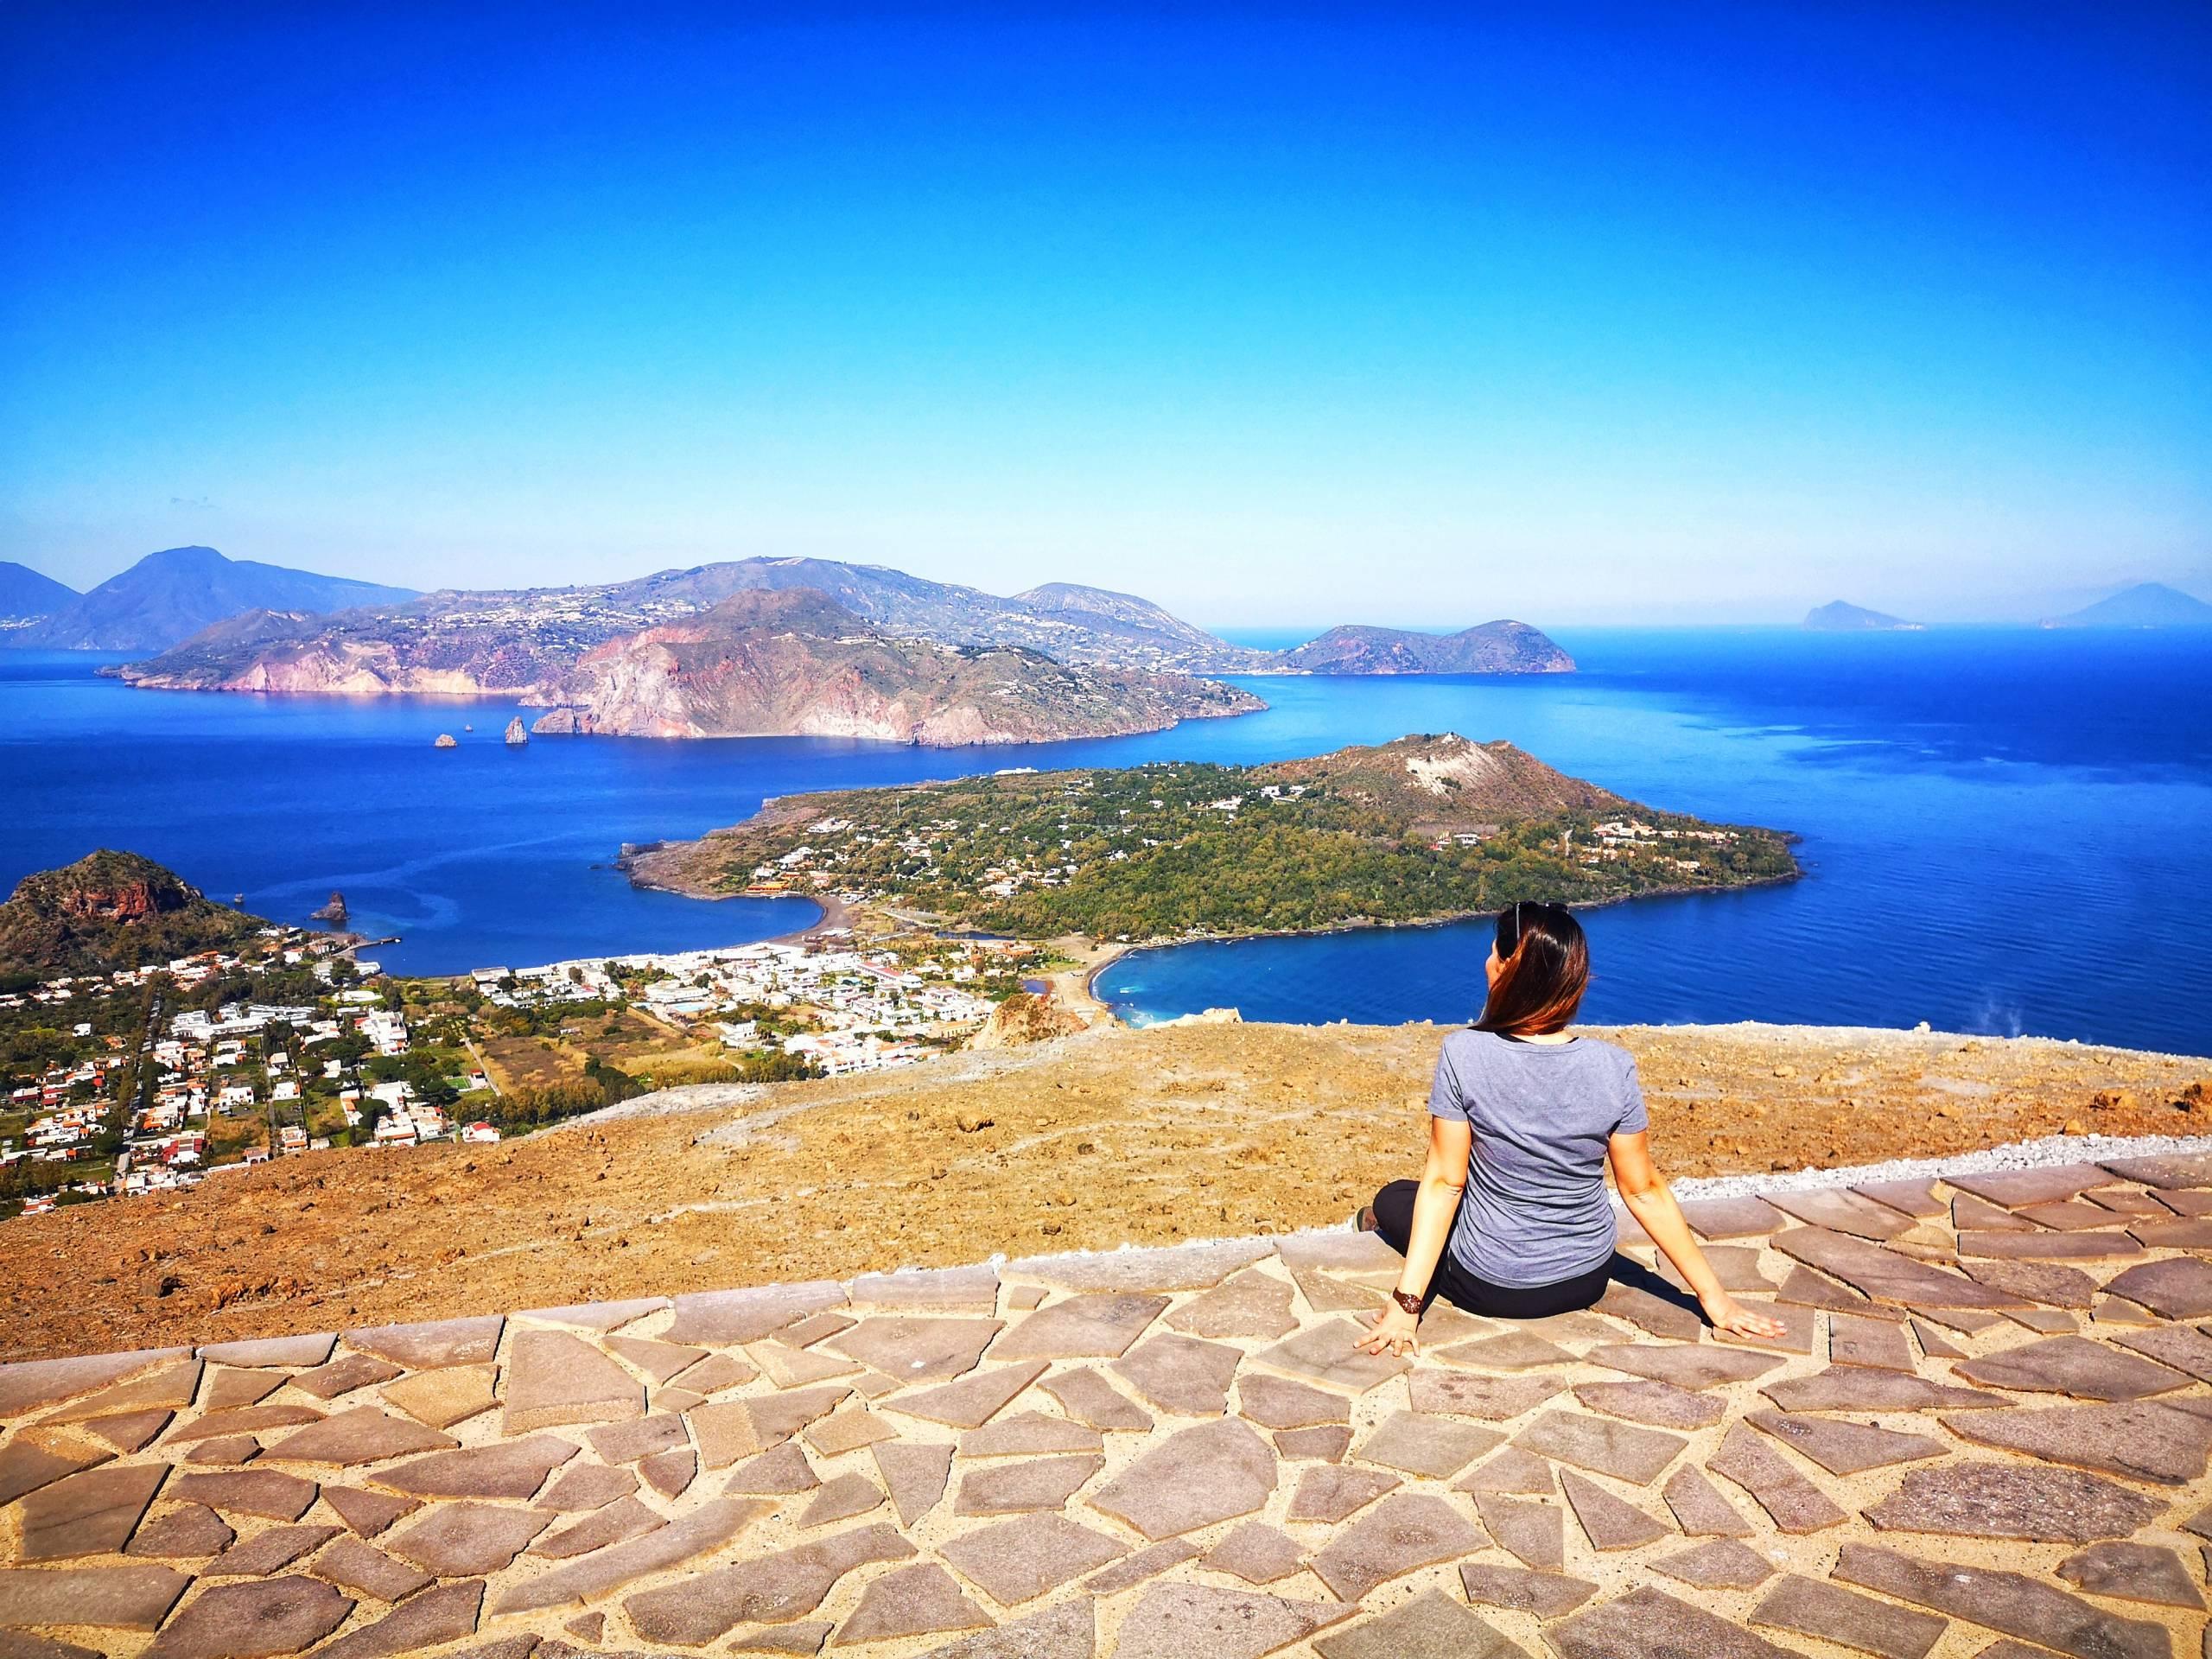 Guida seduta su un promontorio mentre ammira il panorama e le isole vicine